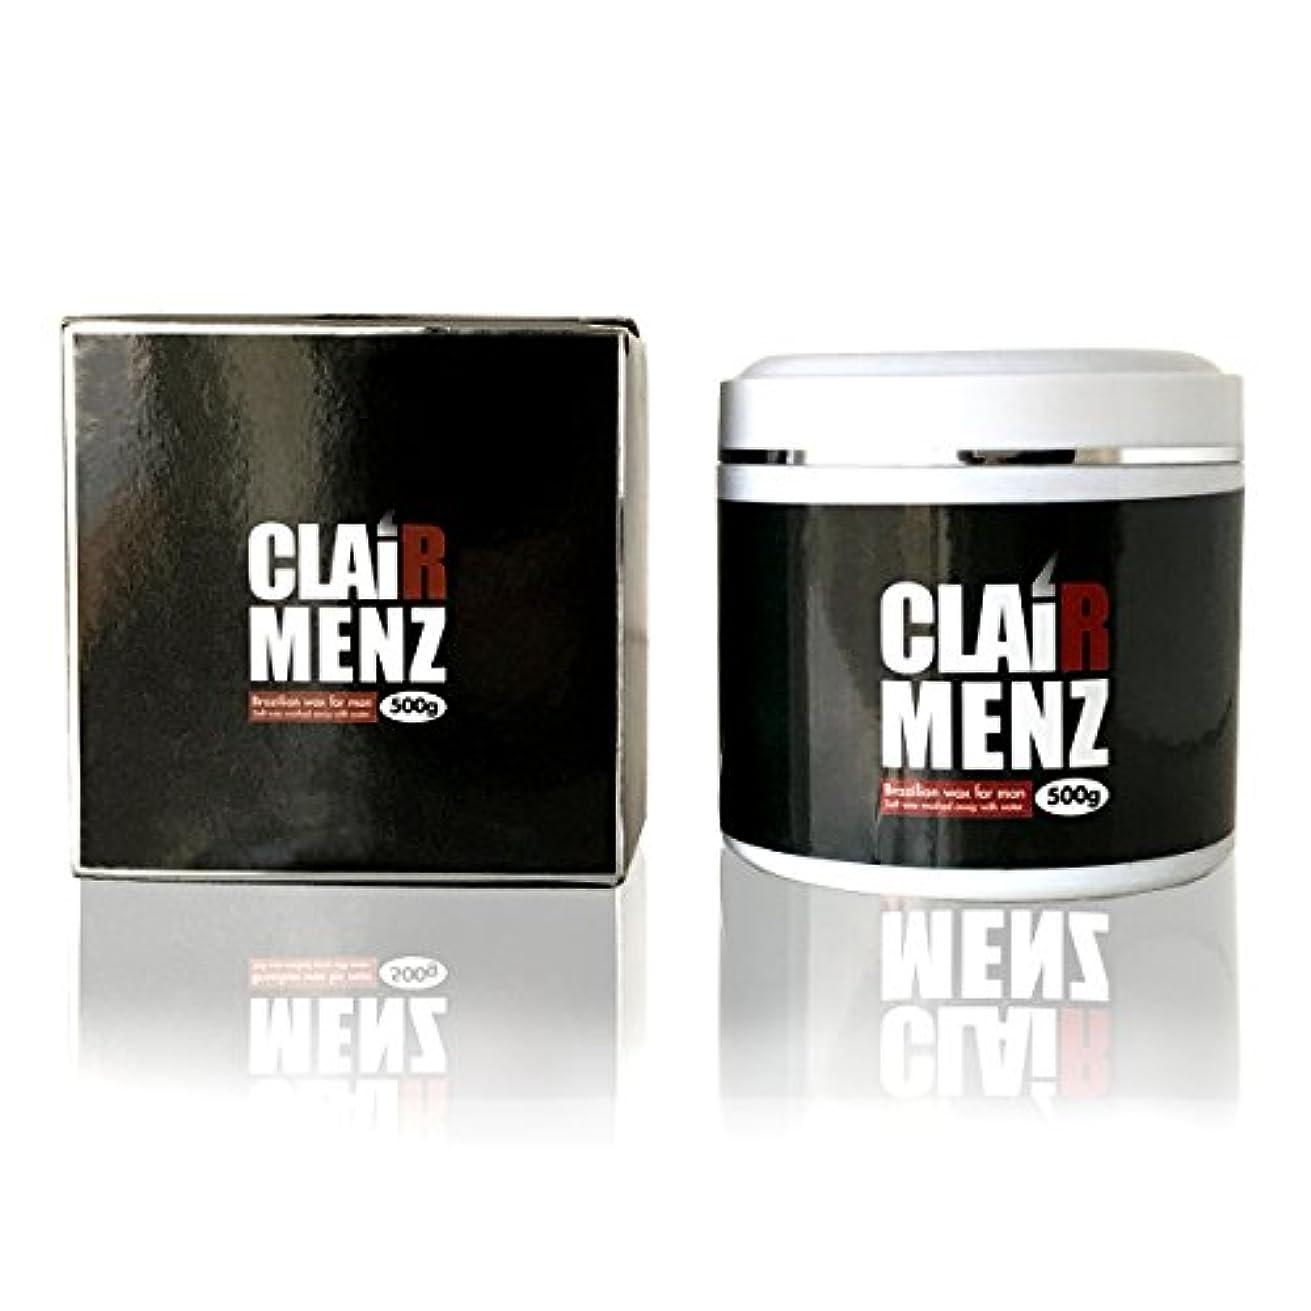 パーツ主要な広まったブラジリアンワックス メンズ専用 clair Menz wax 500g(単品) メンズ脱毛専用ラベル 無添加ワックス 脱毛ワックス